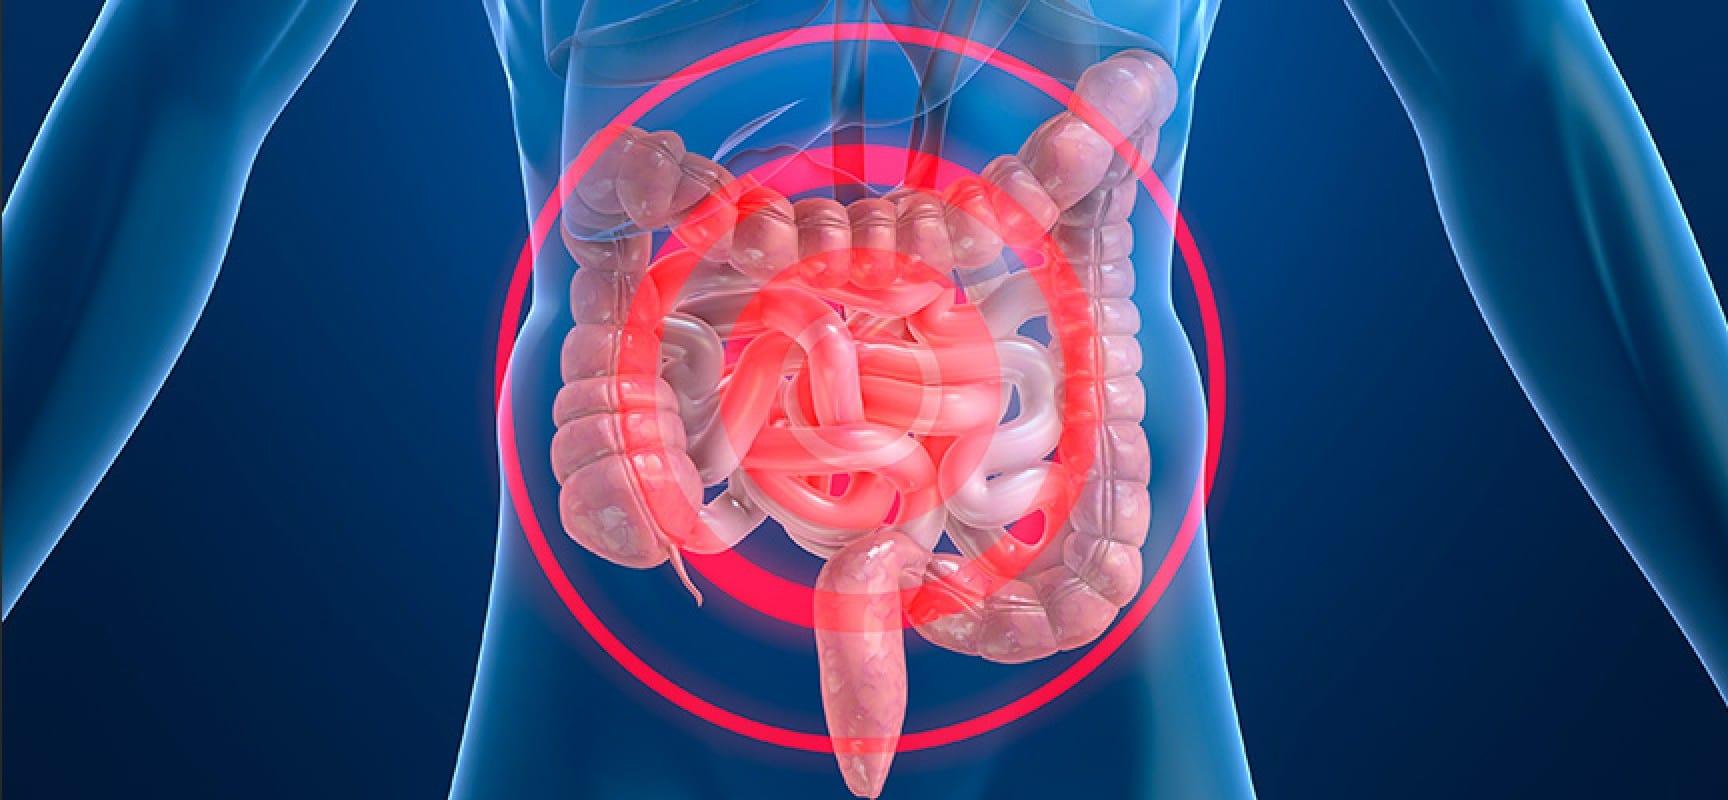 Eficacia y seguridad de la acupuntura en el tratamiento de la Enfermedad de Crohn